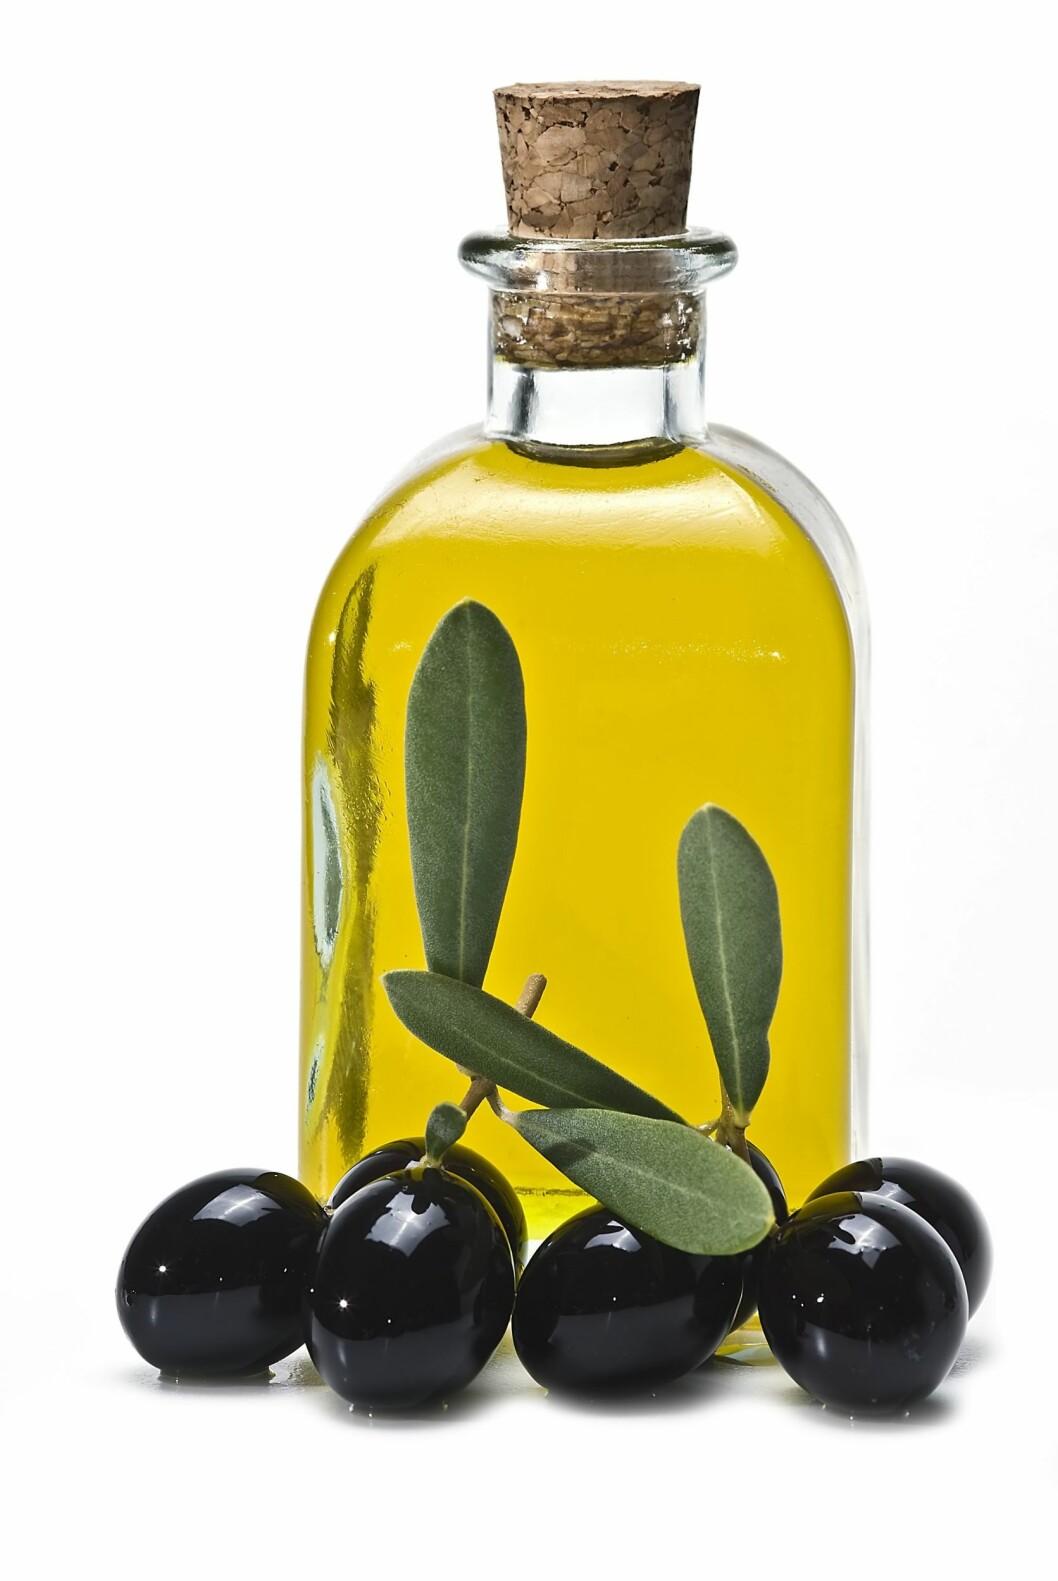 OLJE: Velg en olje og eddik-baserte dressingen.  Disse typene inneholder mye sunt fett.  Foto: PantherMedia/Angel Luis Simon Martin